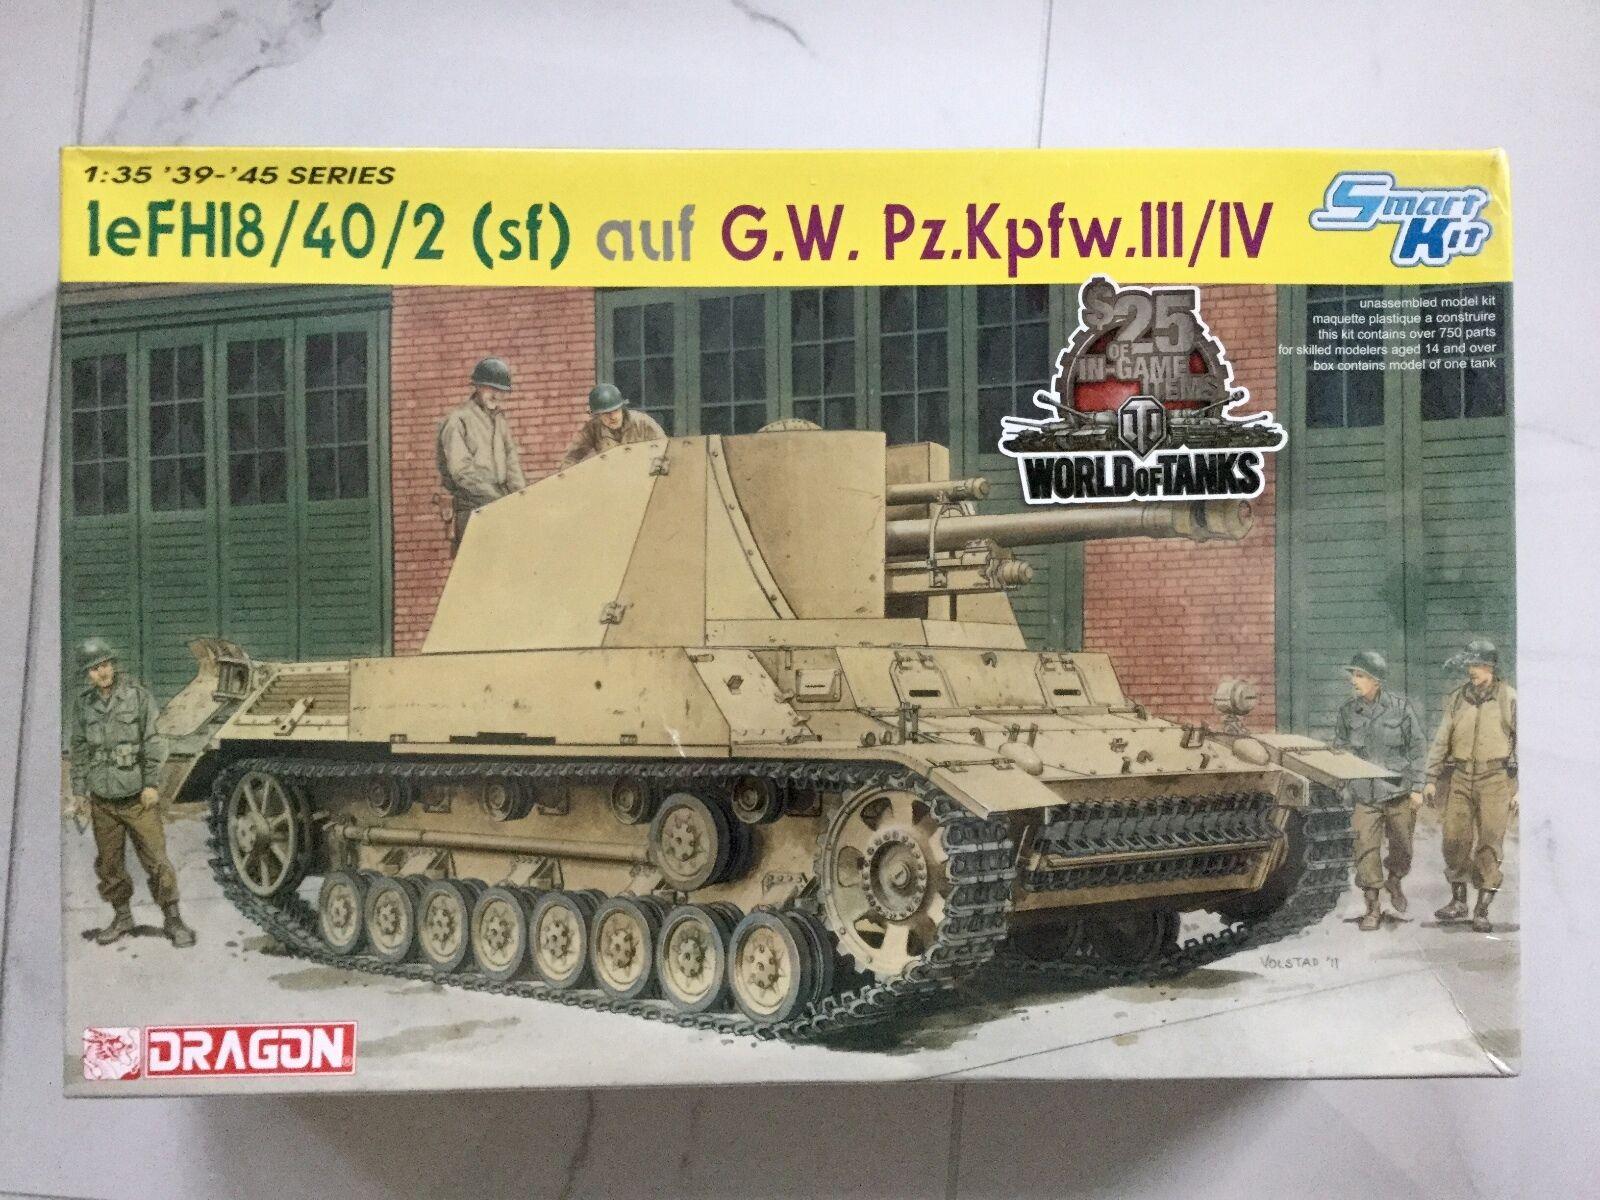 DRAGON 1 35 WW II GERMAN LEFH18  40 2 AUF G.W. PZ.KPFW. III   IV KIT F S